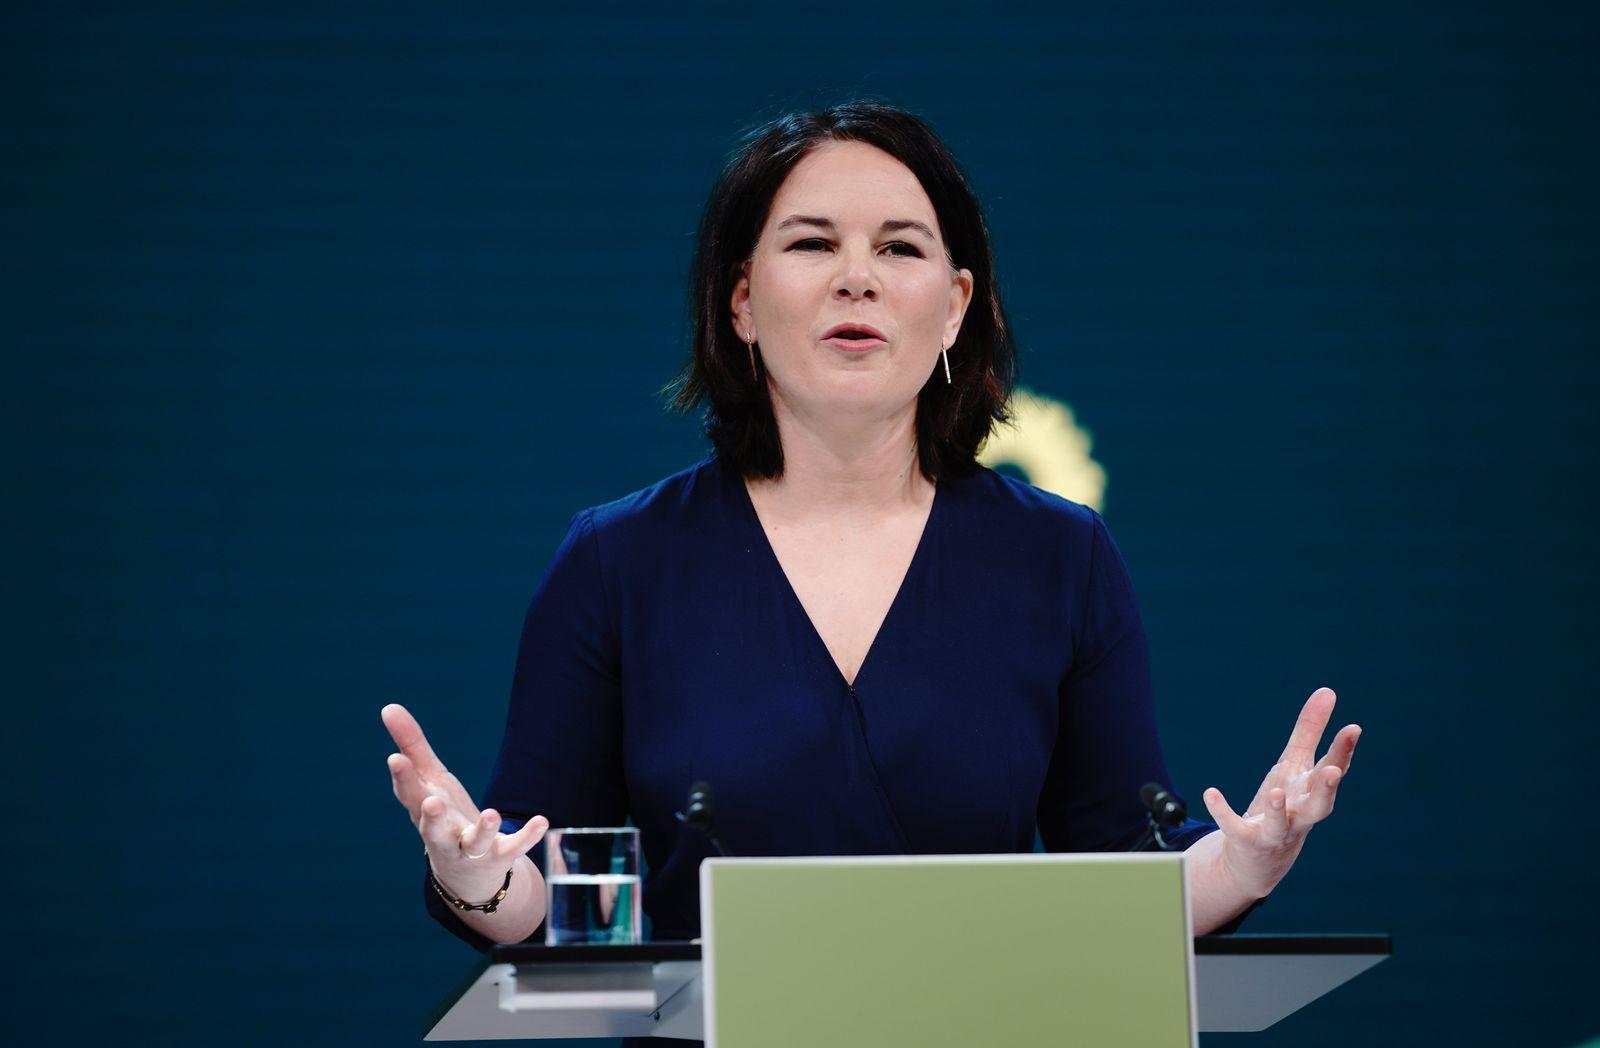 Grünen-Vorstand macht Vorschlag für Kanzlerkandidatur